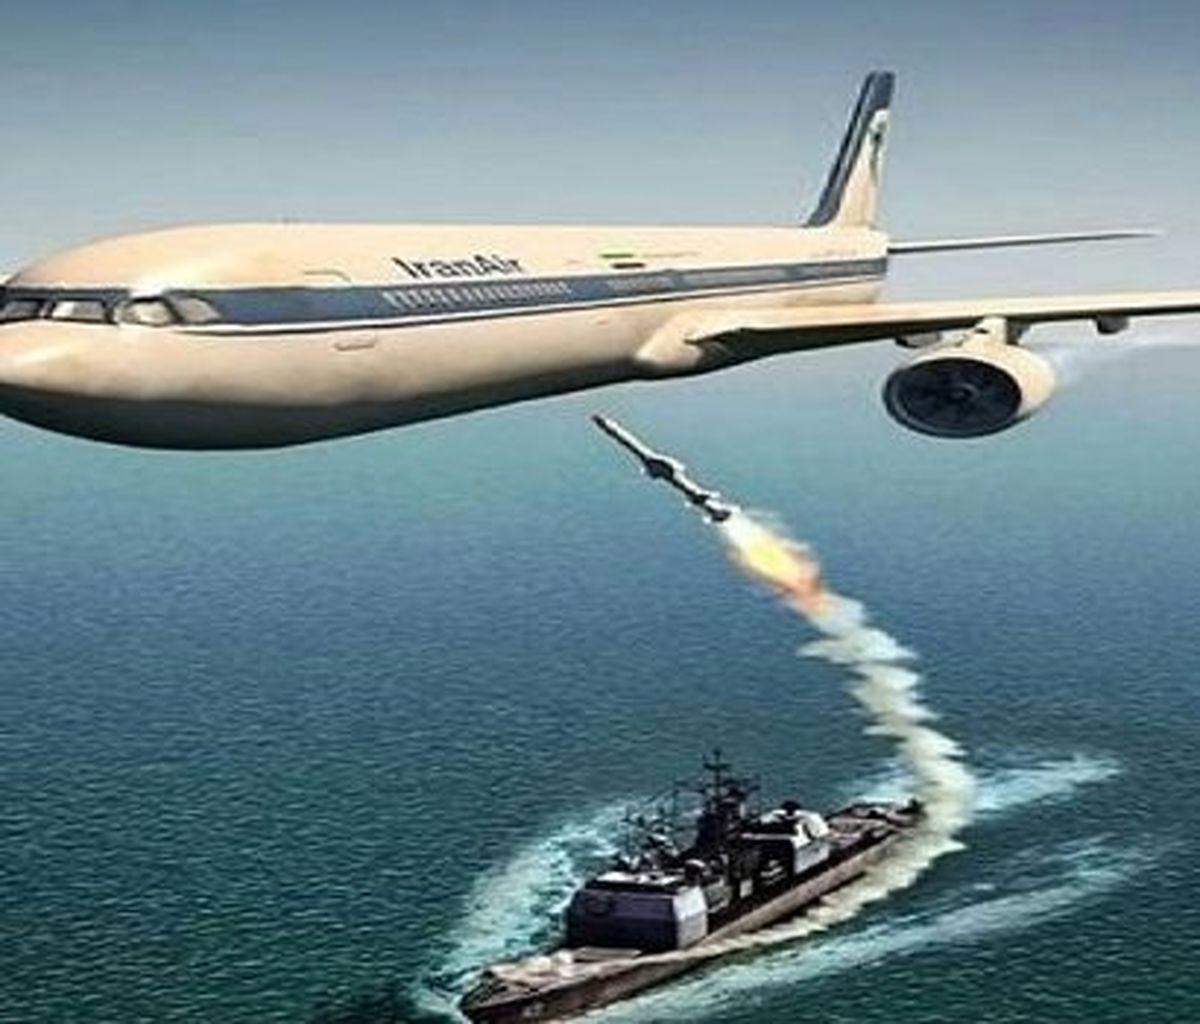 خشونت آمریکا علیه مردم ایران با تروریسم اقتصادی ادامه دارد